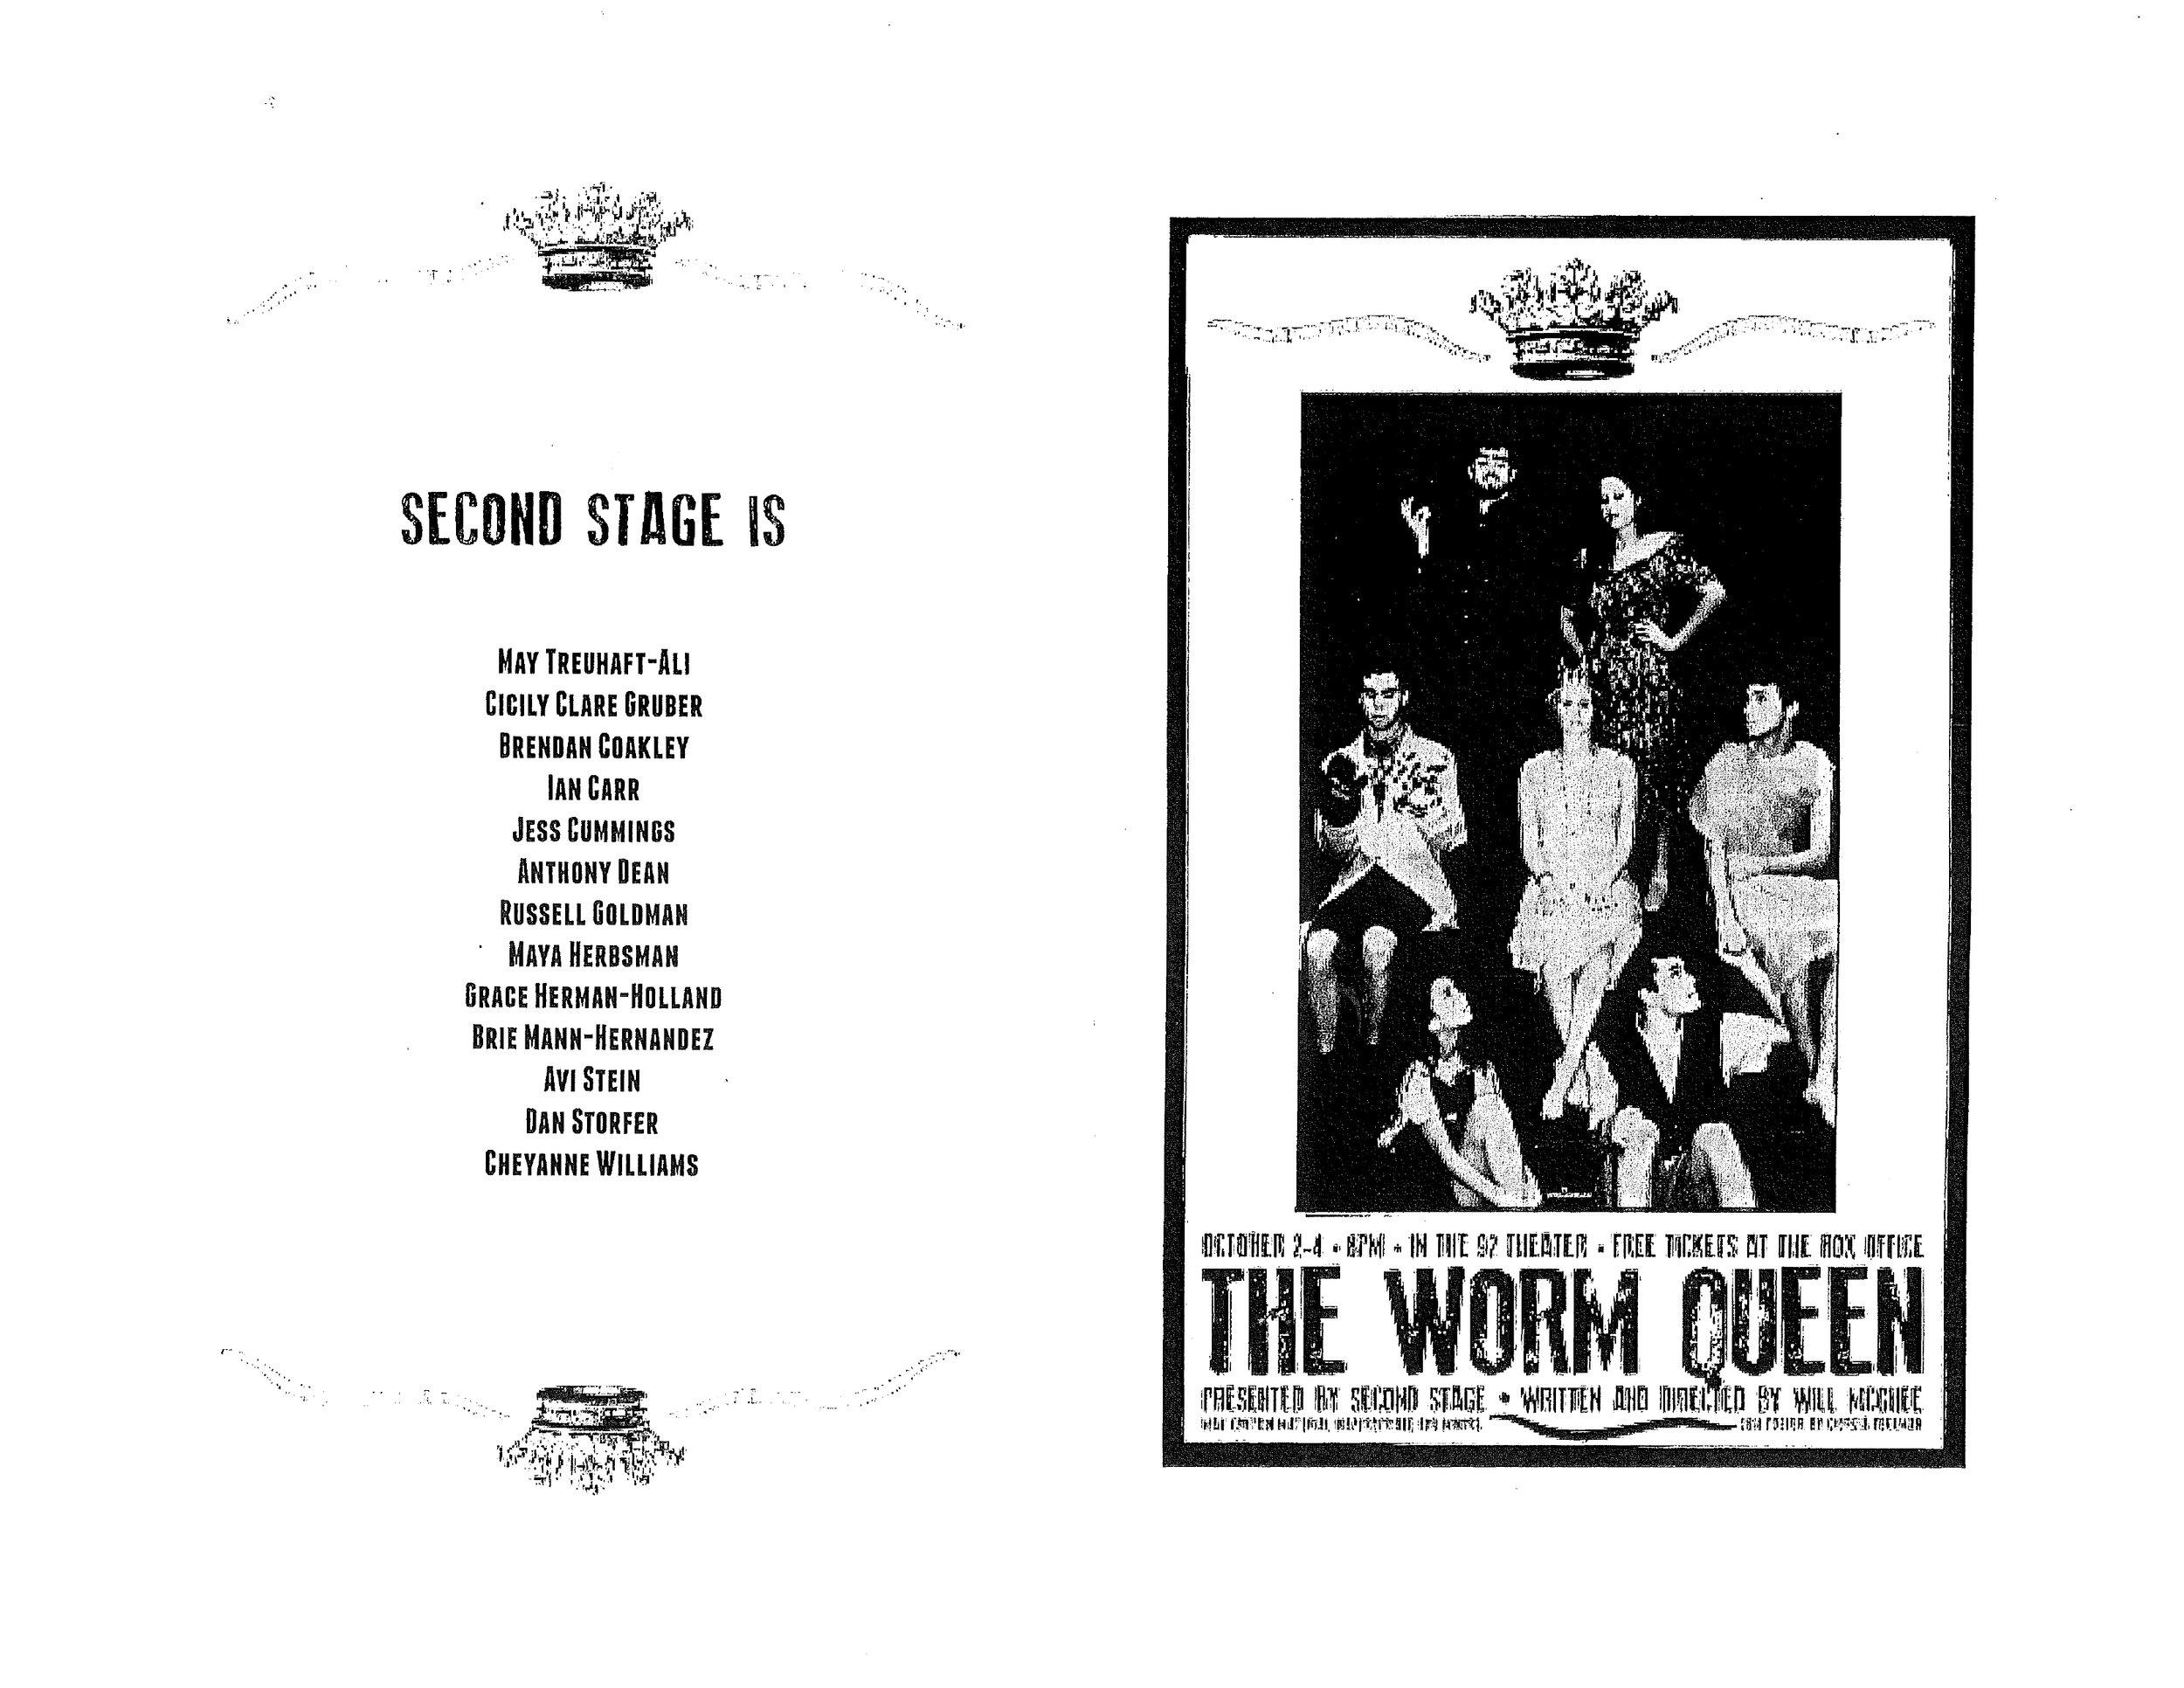 WormQueen-Program-1.jpg